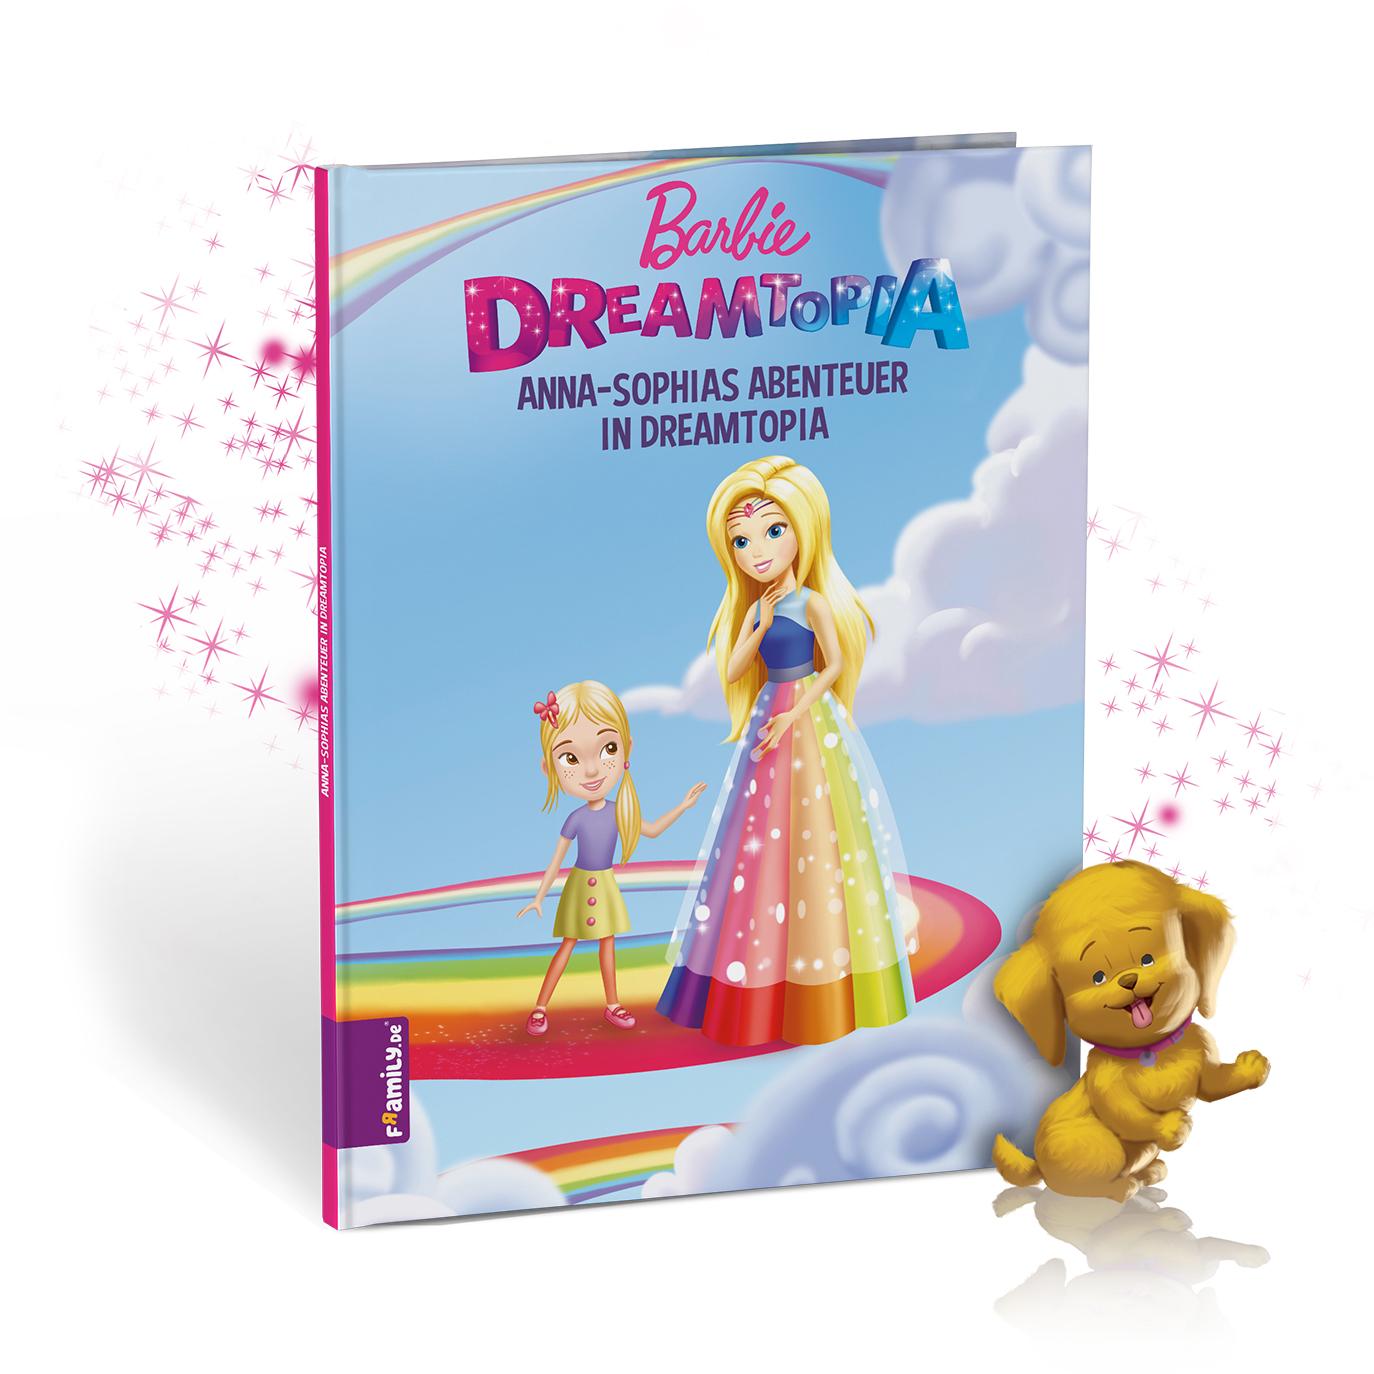 Barbie - personalisierte Kinderbuecher